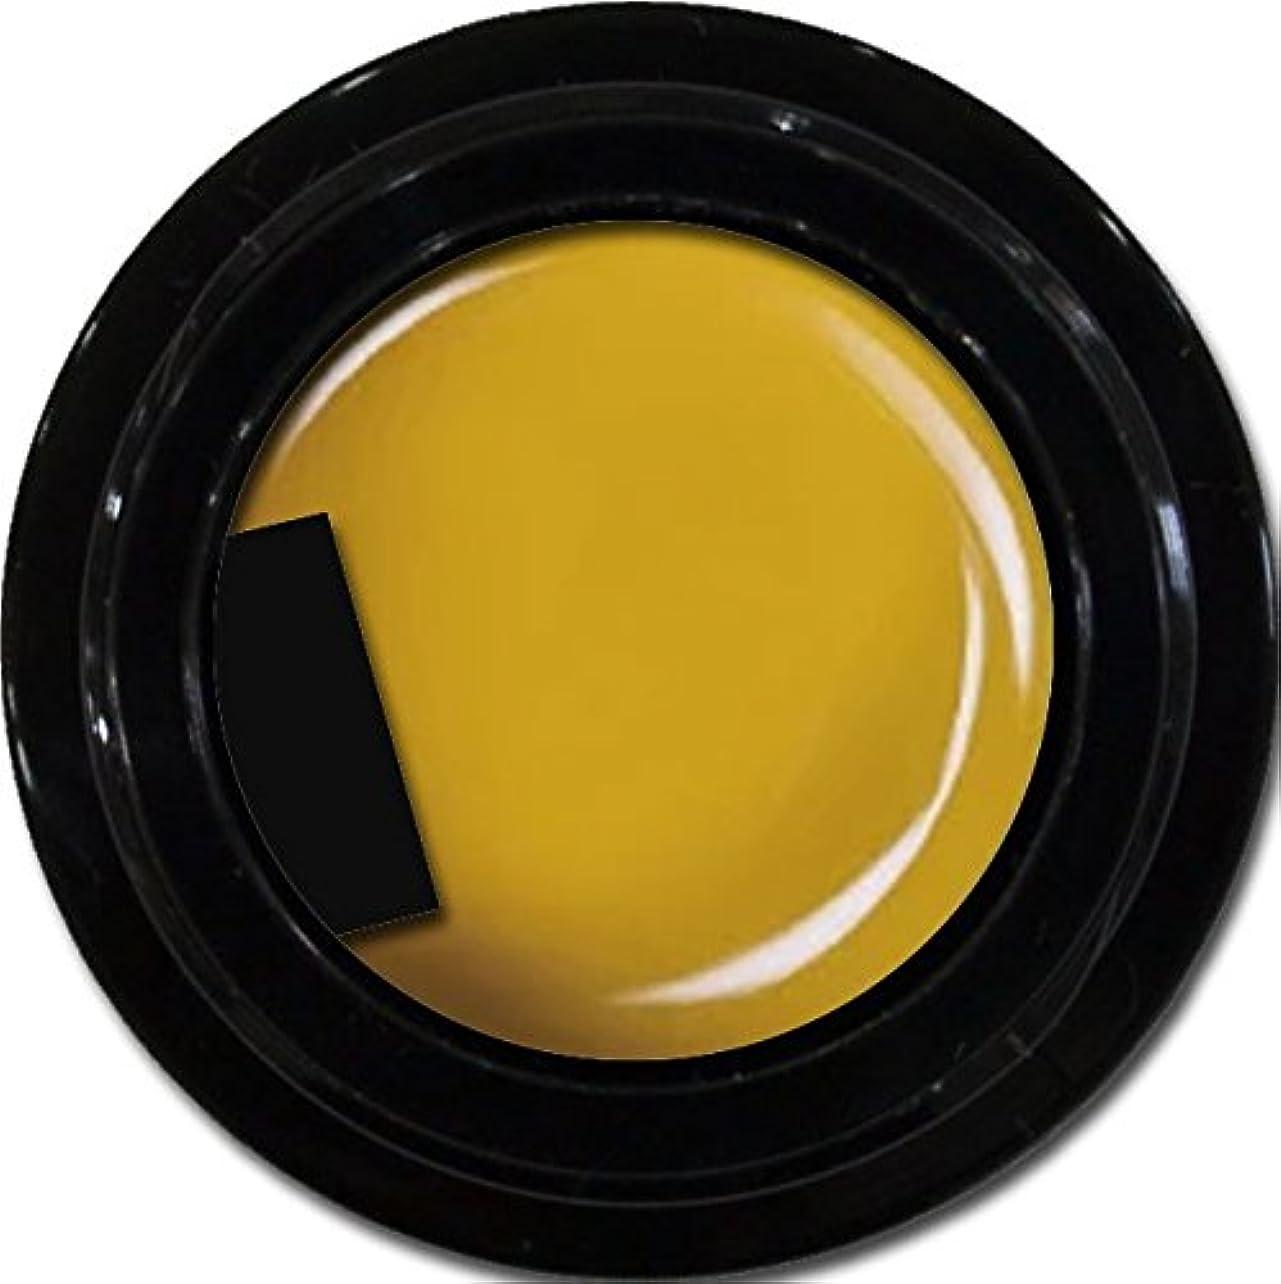 敵対的啓示積極的にカラージェル enchant color gel M605 Cameron3g/ マットカラージェル M605キャメロン 3グラム